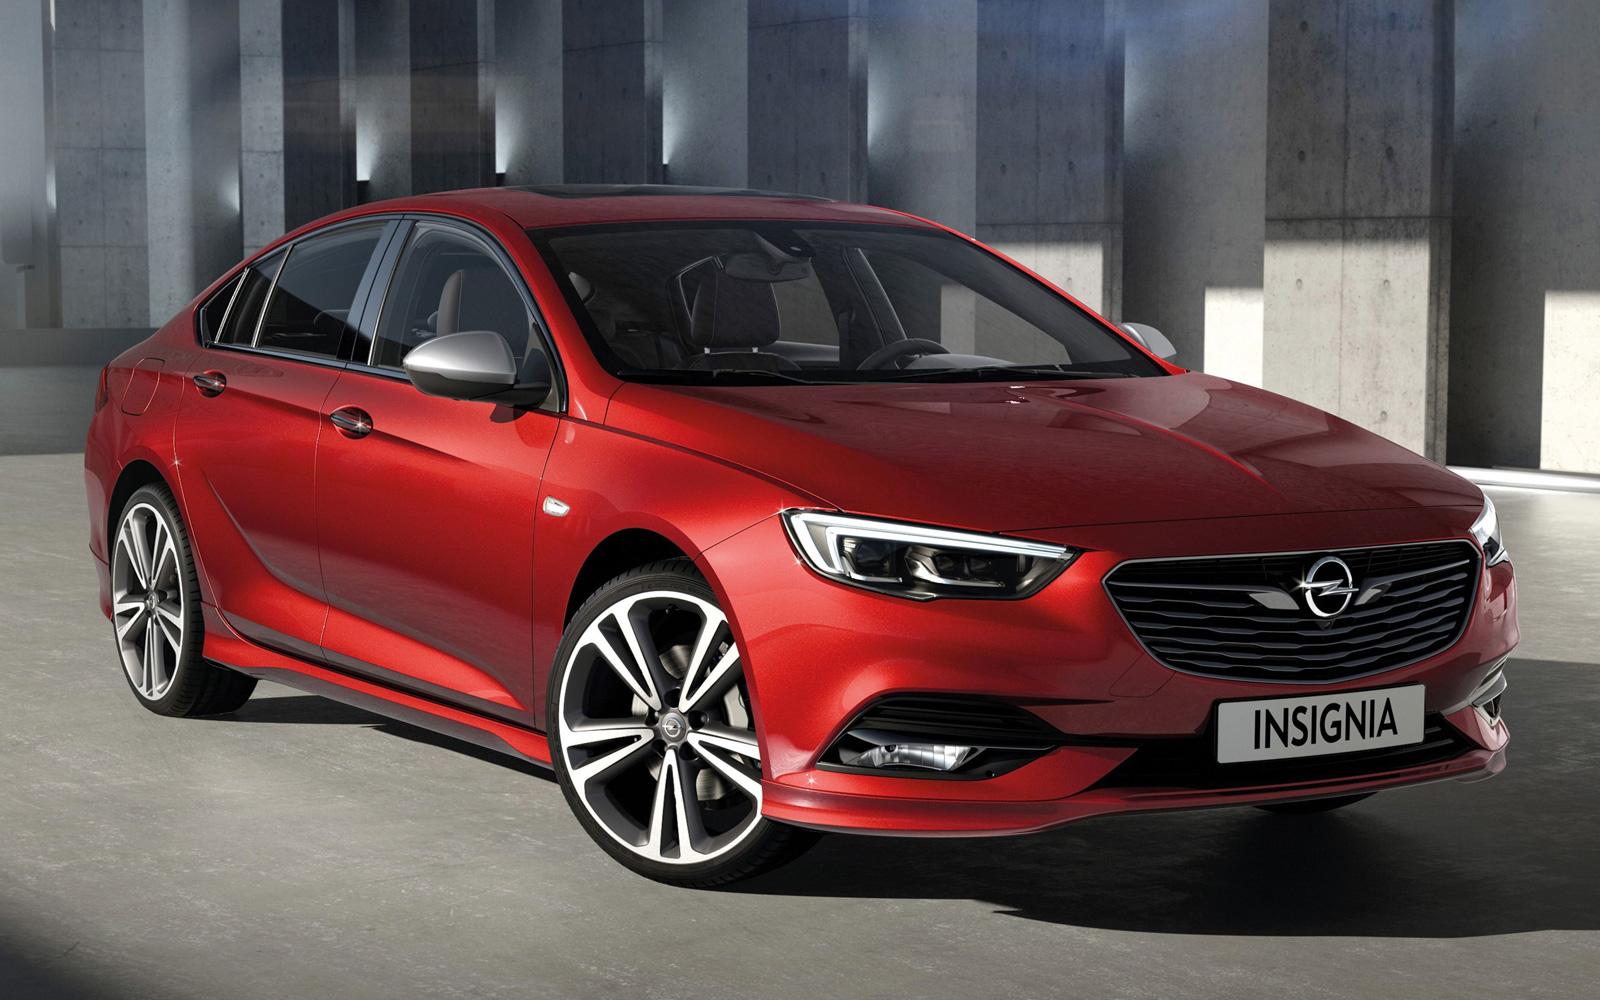 Новый Opel Insignia 2019 - фото, характеристика, цена